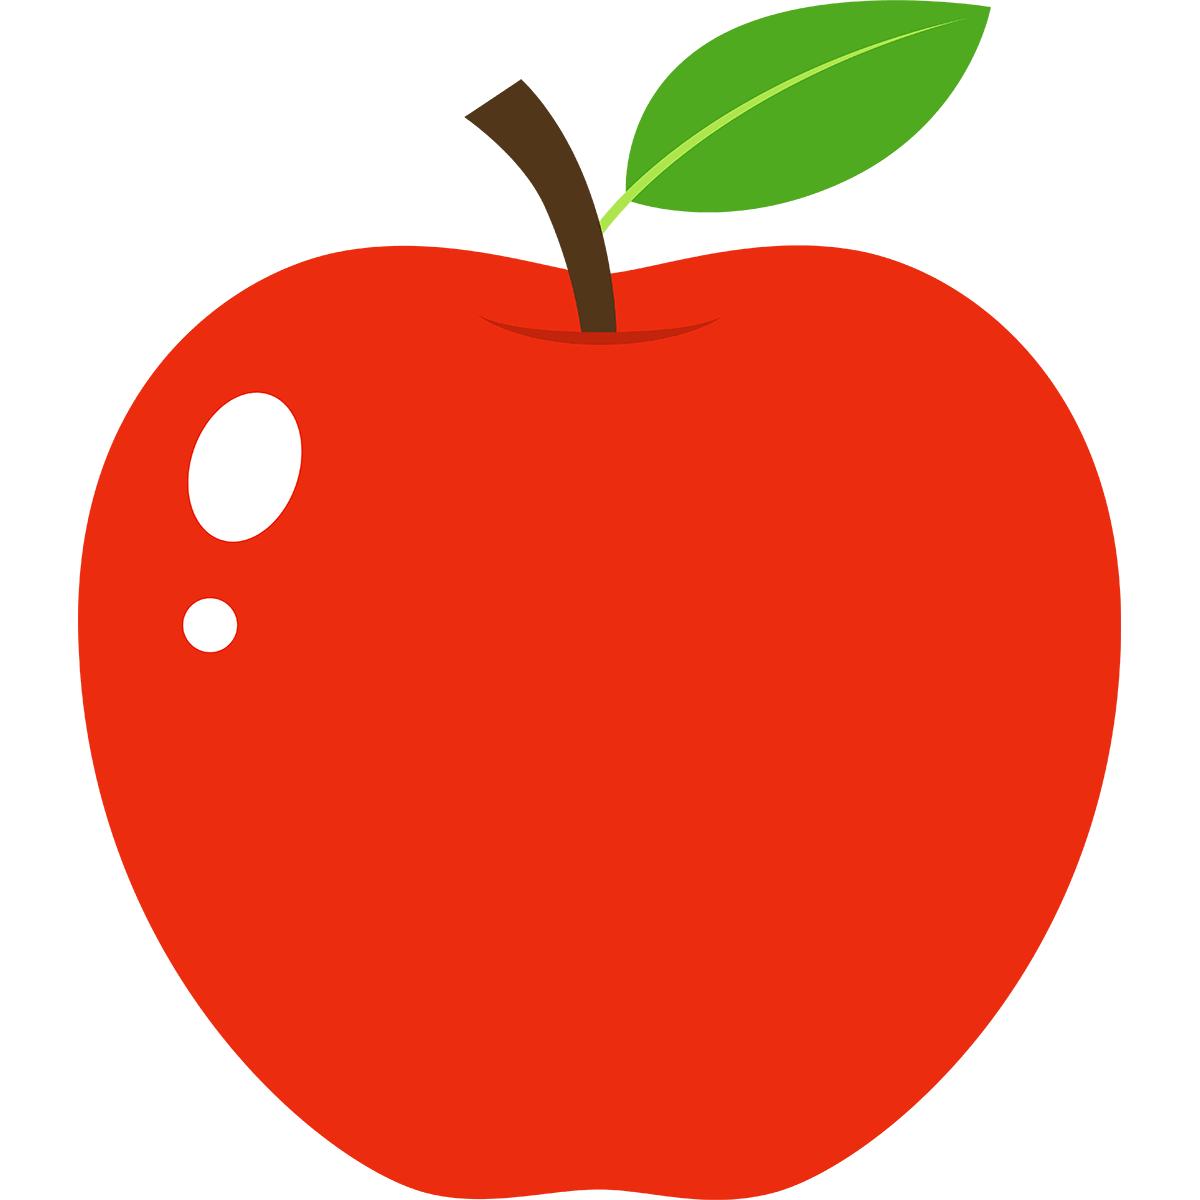 リンゴの無料イラスト